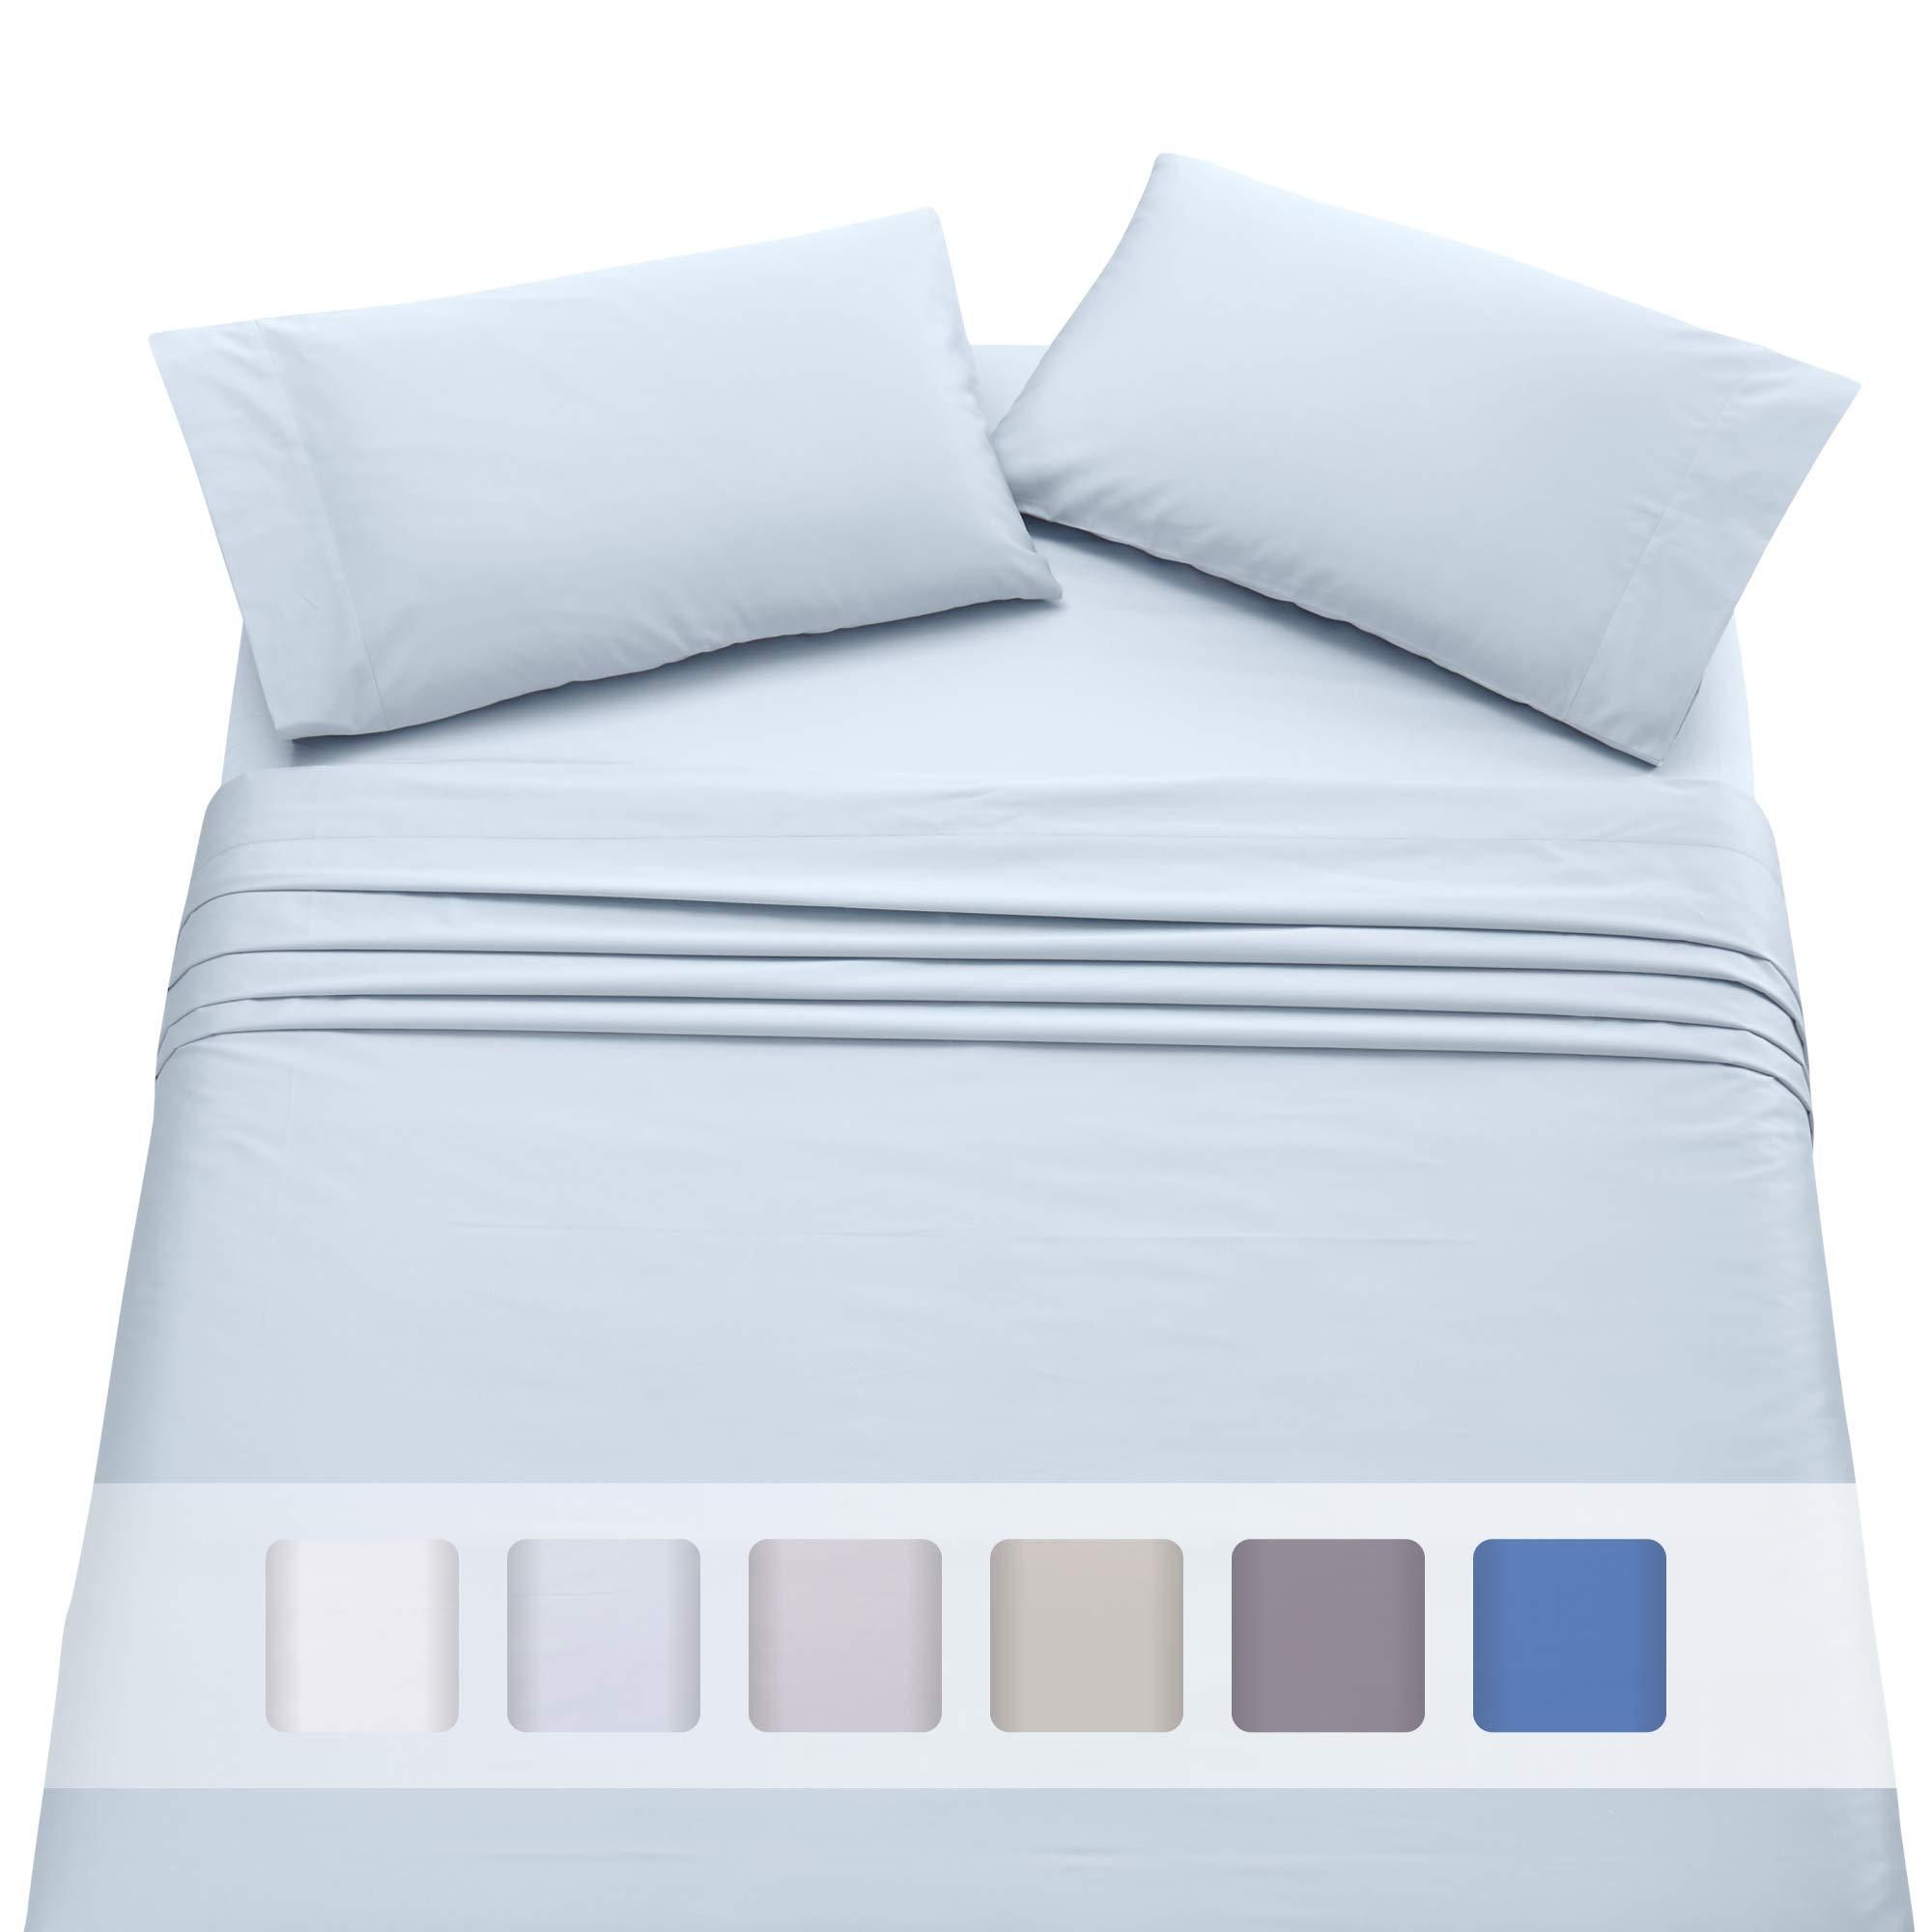 California Design Den Extra Deep Pocket Sheet Set - 500 Thread Count Long Staple Cotton Queen Size Light Blue Sheet Set, Soft & Sateen Weave 4 Piece Bedding Set